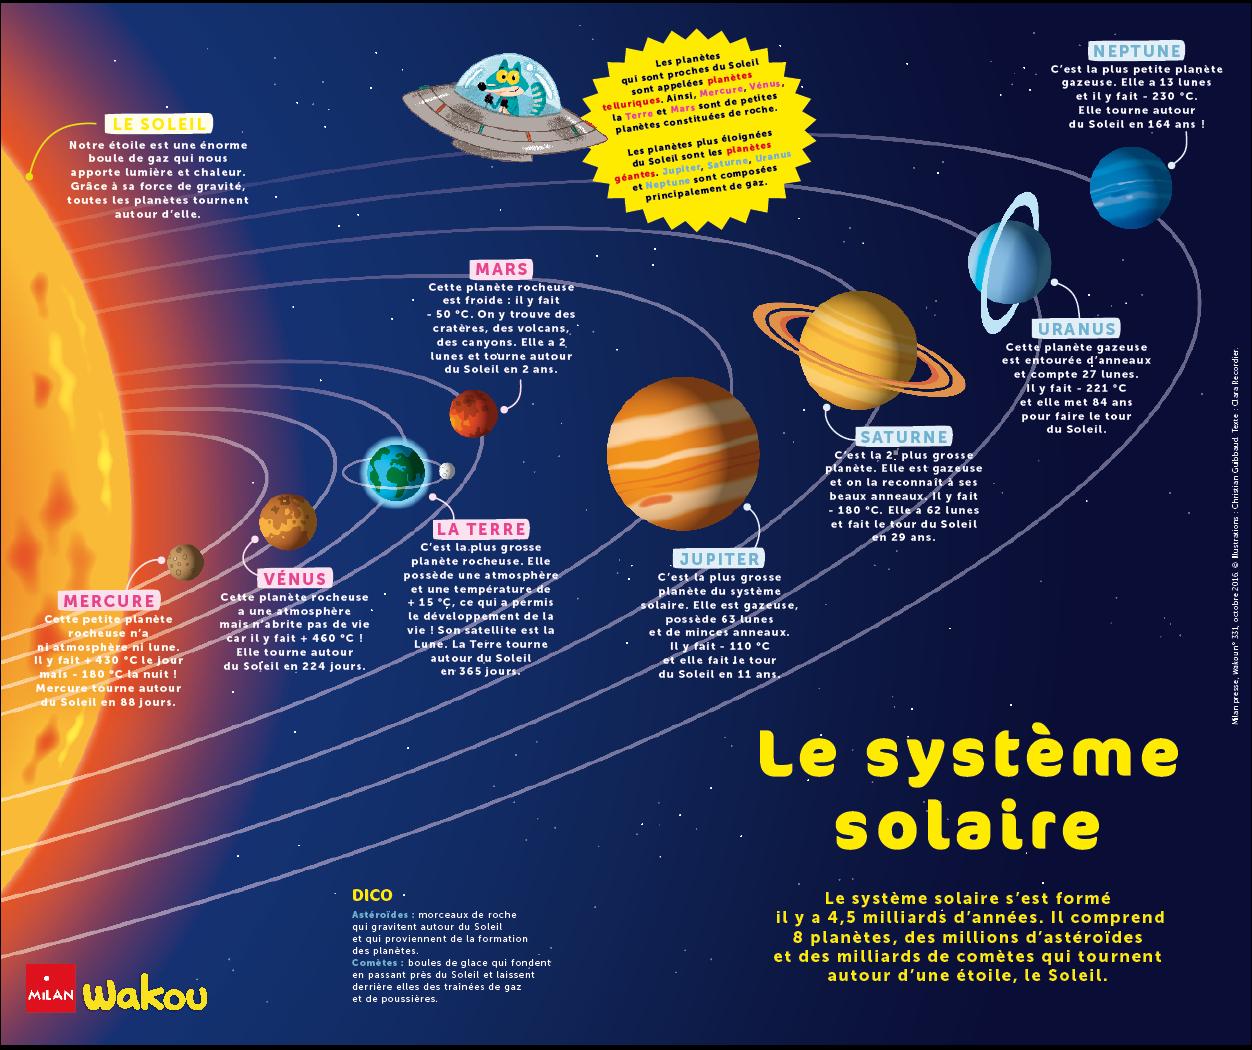 Le Système Solaire - Wakou tout Dessin Systeme Solaire